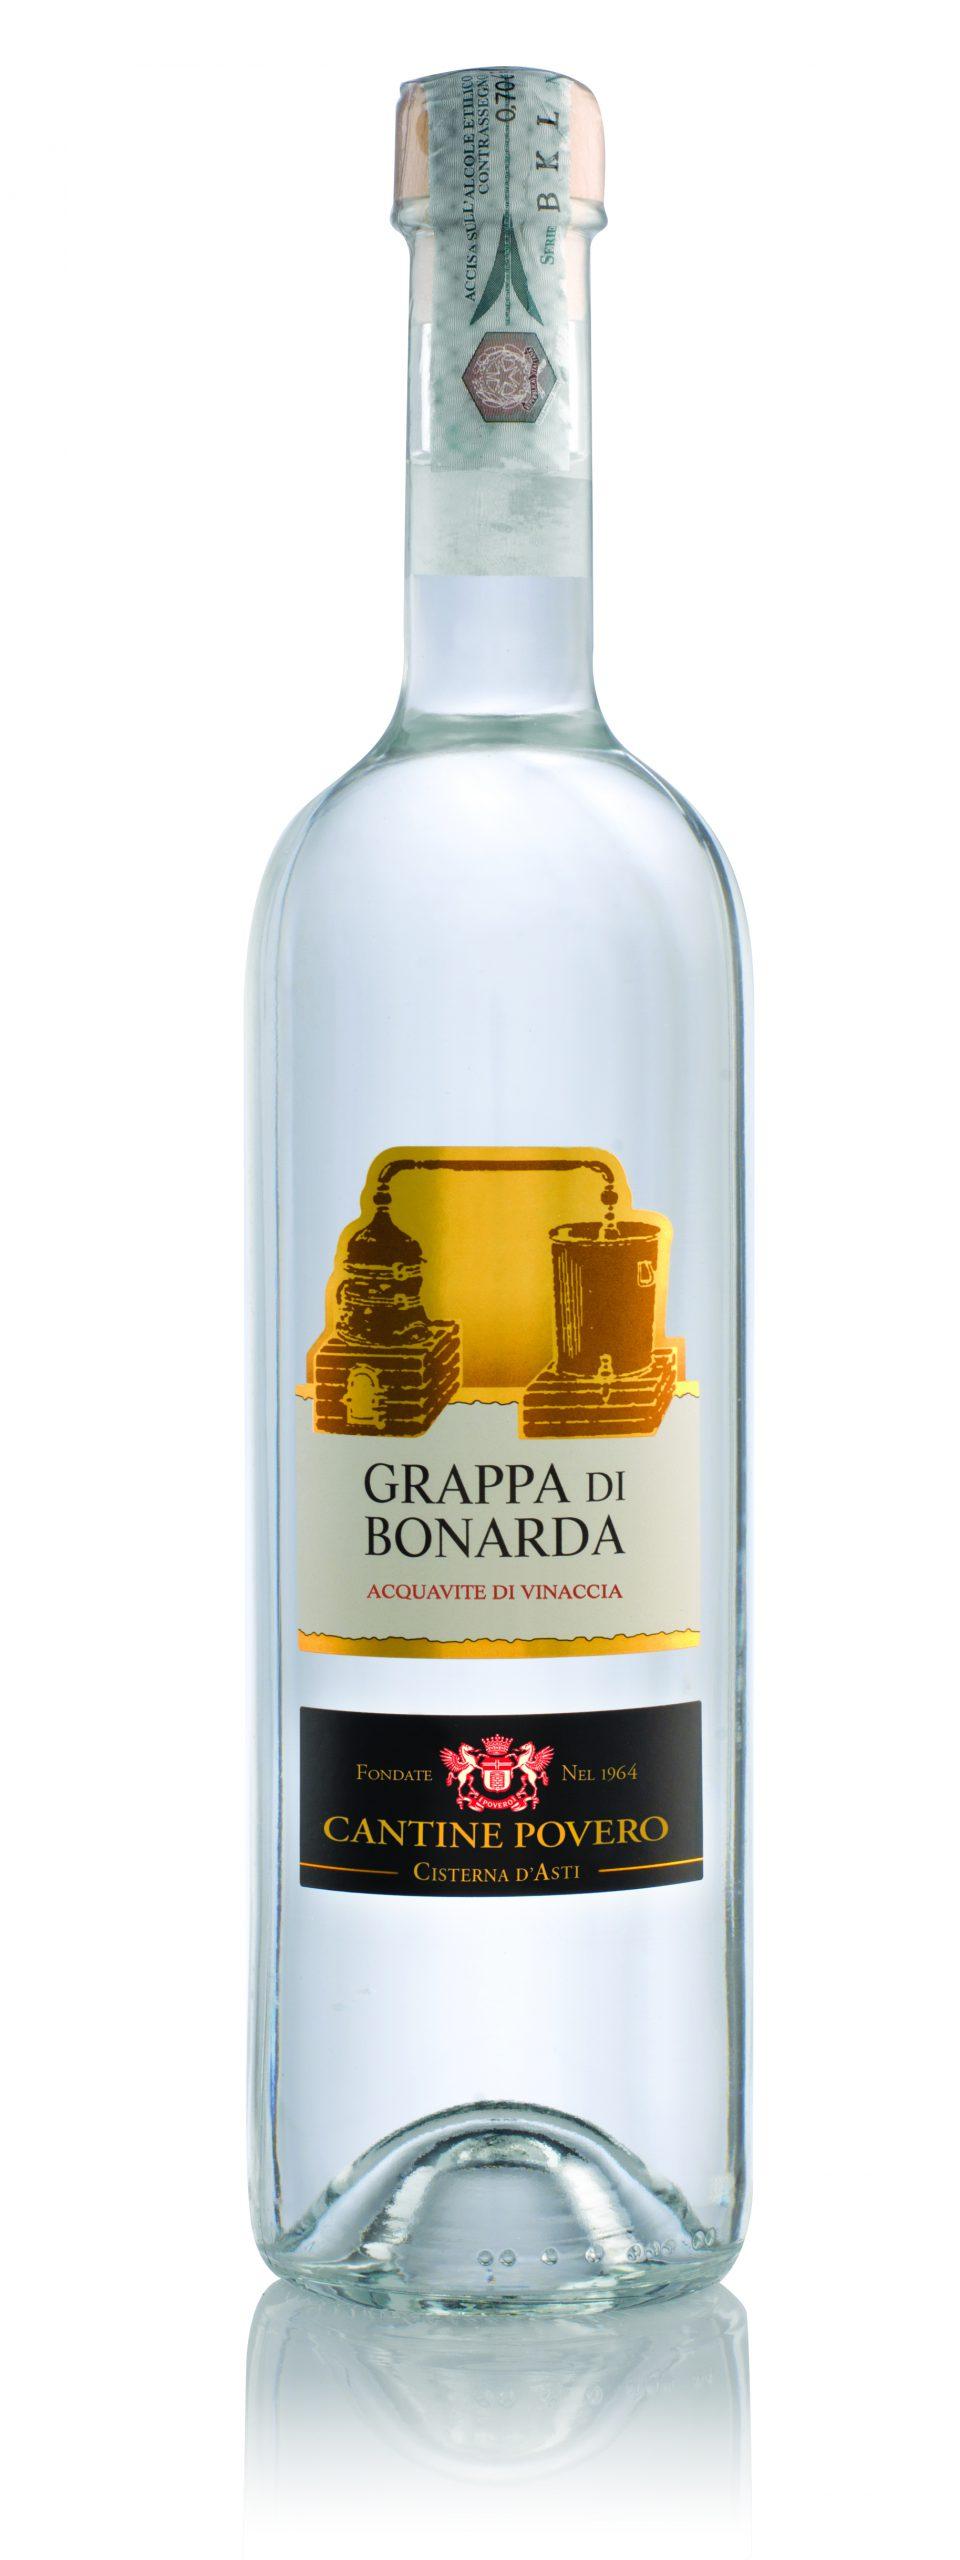 Grappa Bonarda